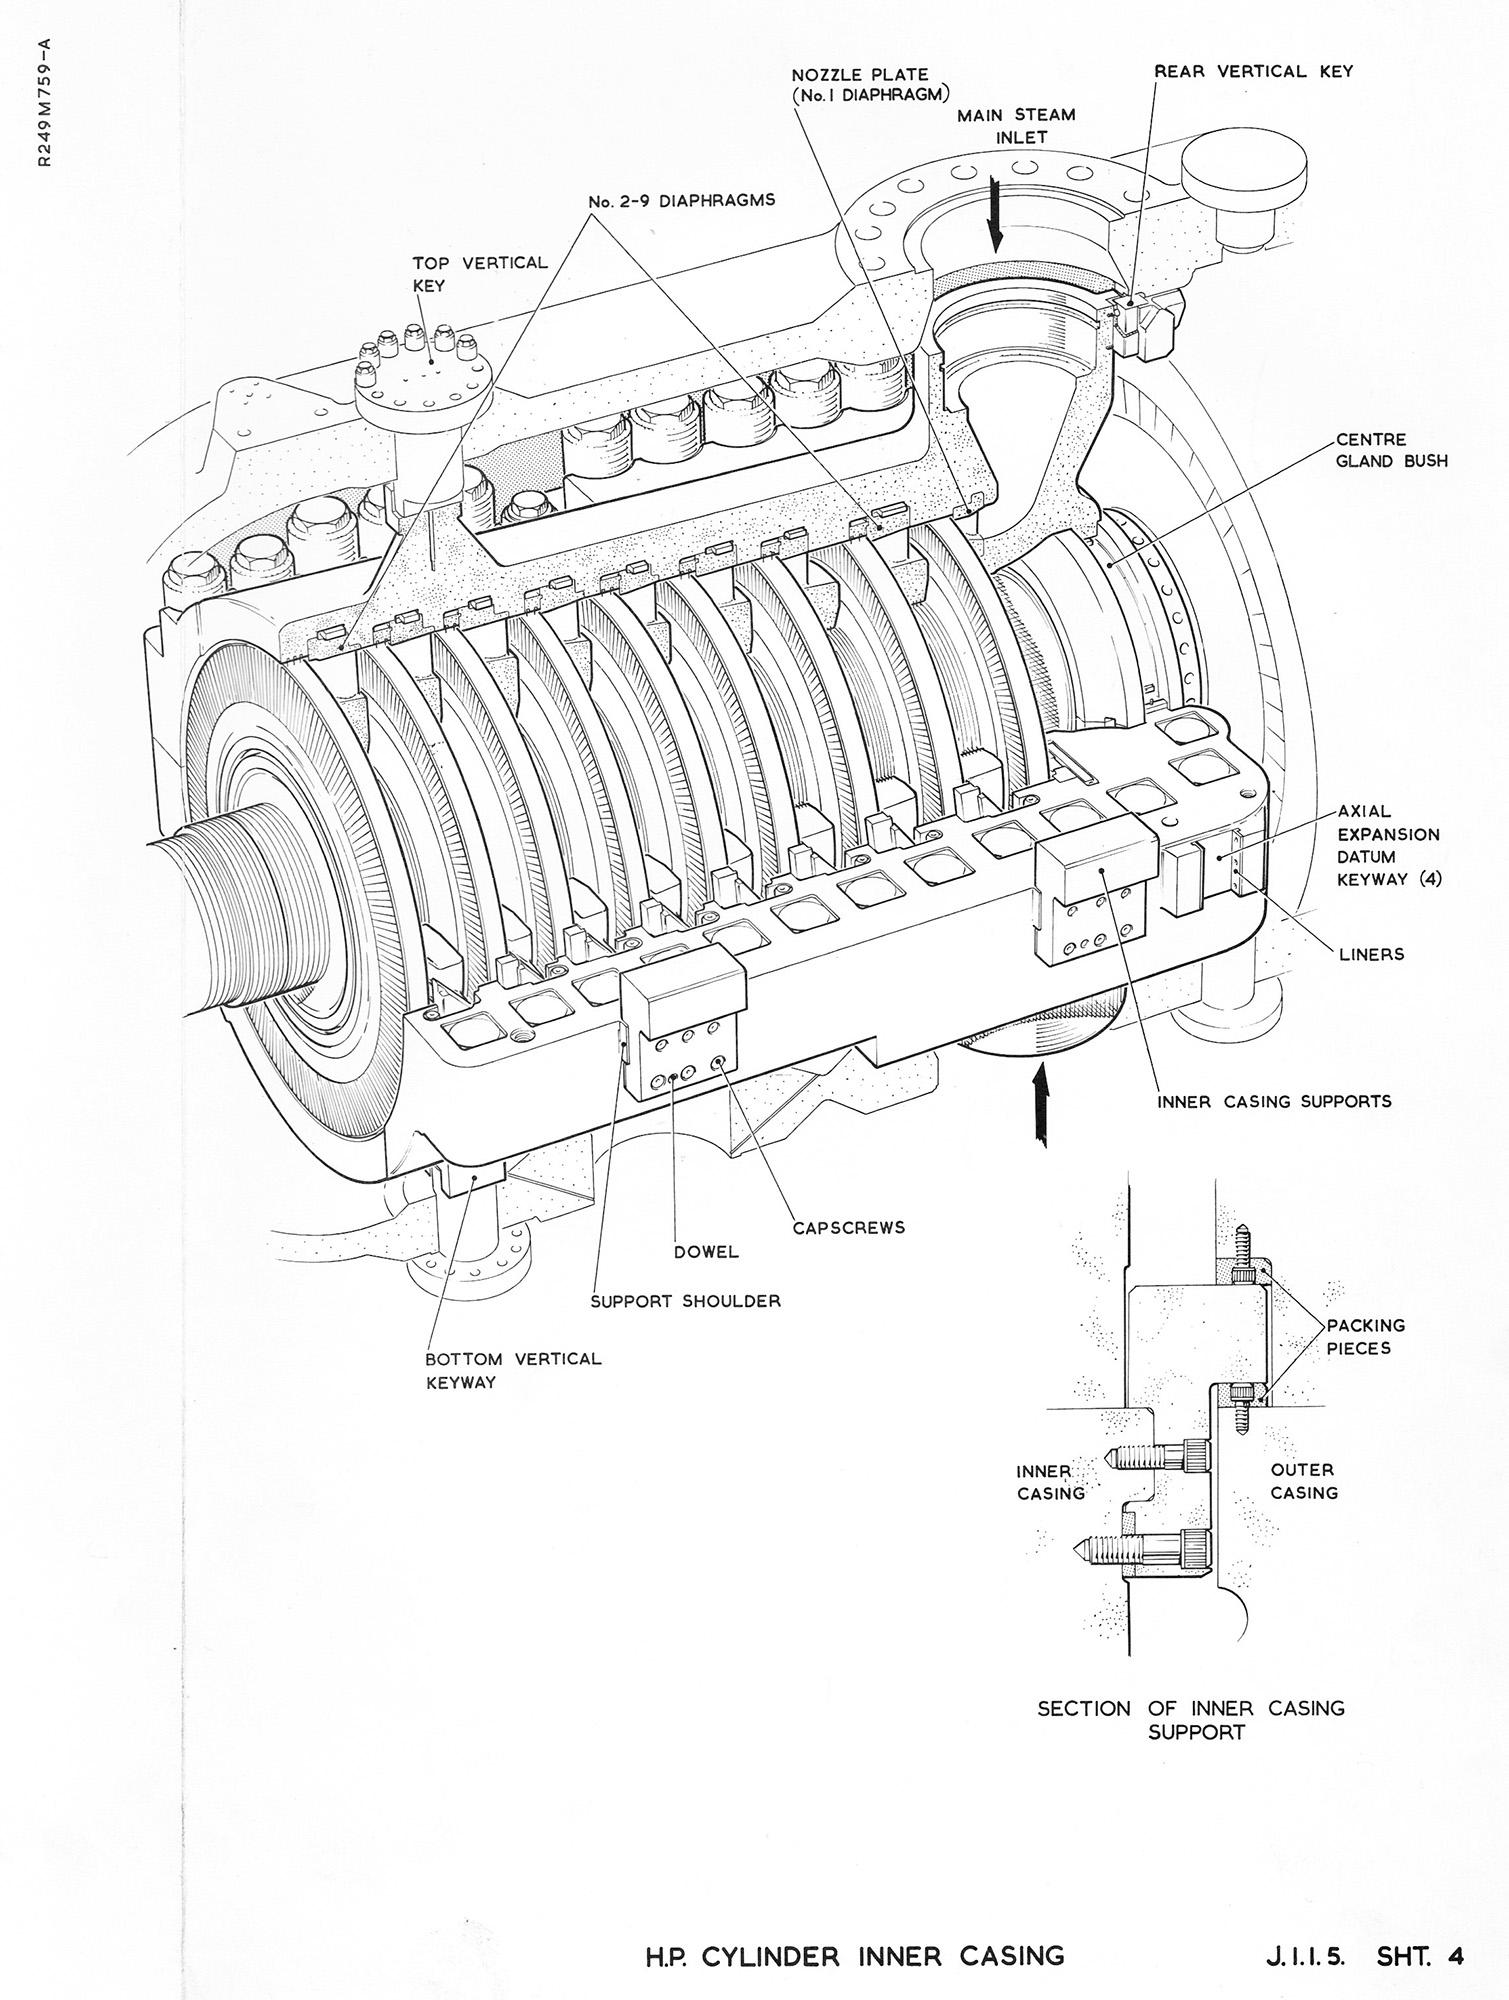 I5 Engine Diagram Electrical Wiring 3 5l Colorado Cooling Library Rh 6 Muehlwald De V6 Hummer